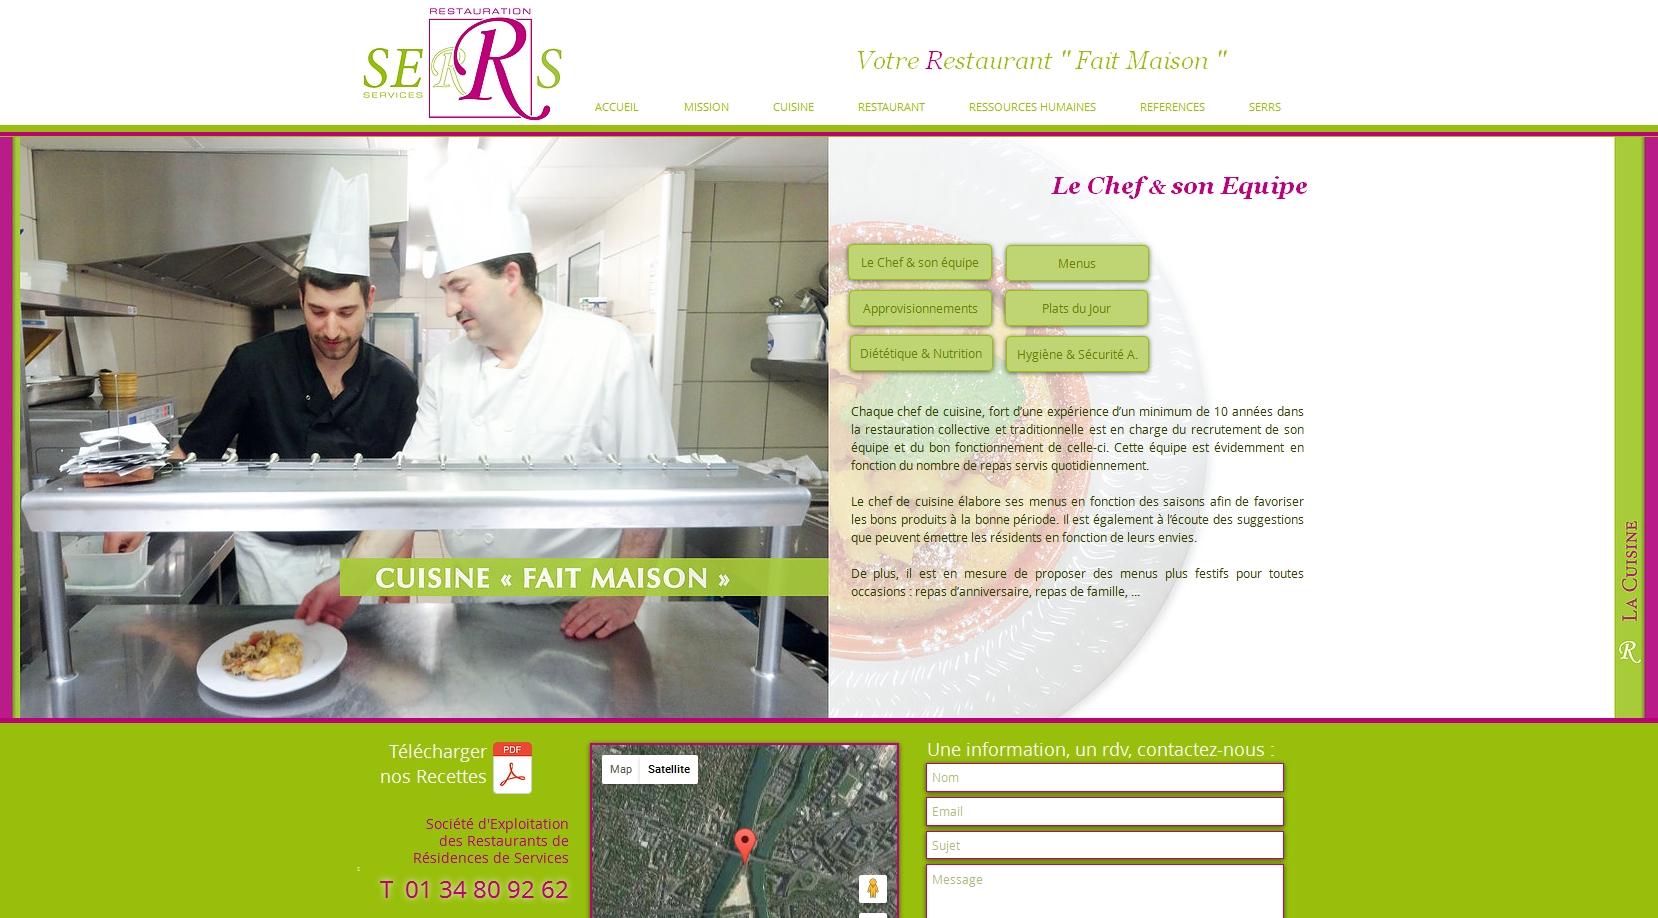 SERRS_livre recette02